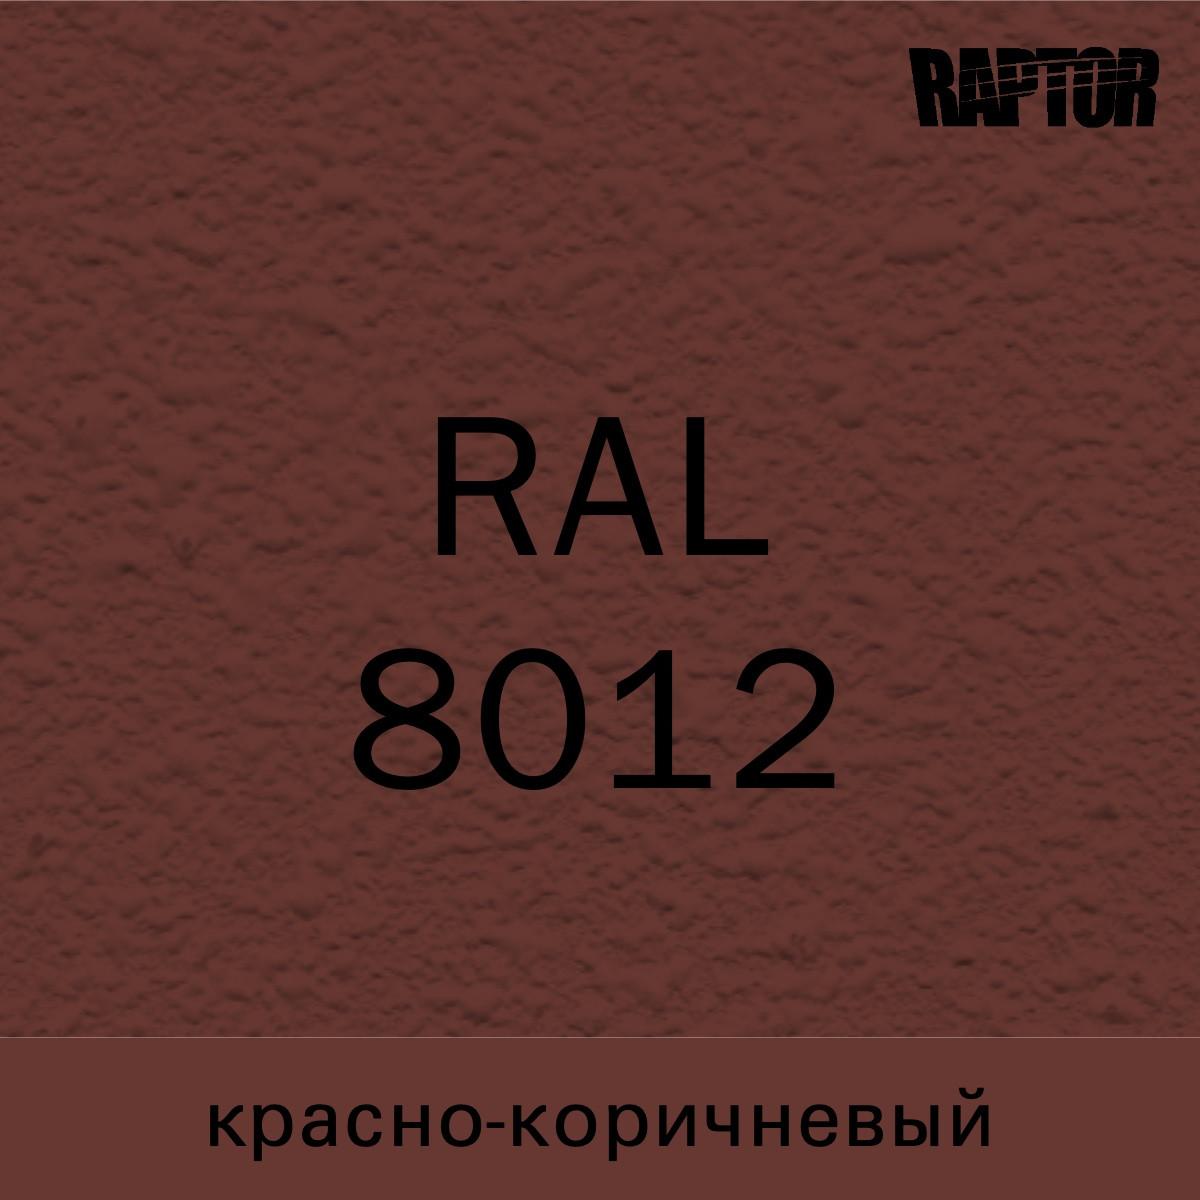 Пигмент для колеровки покрытия RAPTOR™ Красно-коричневый (RAL 8012)